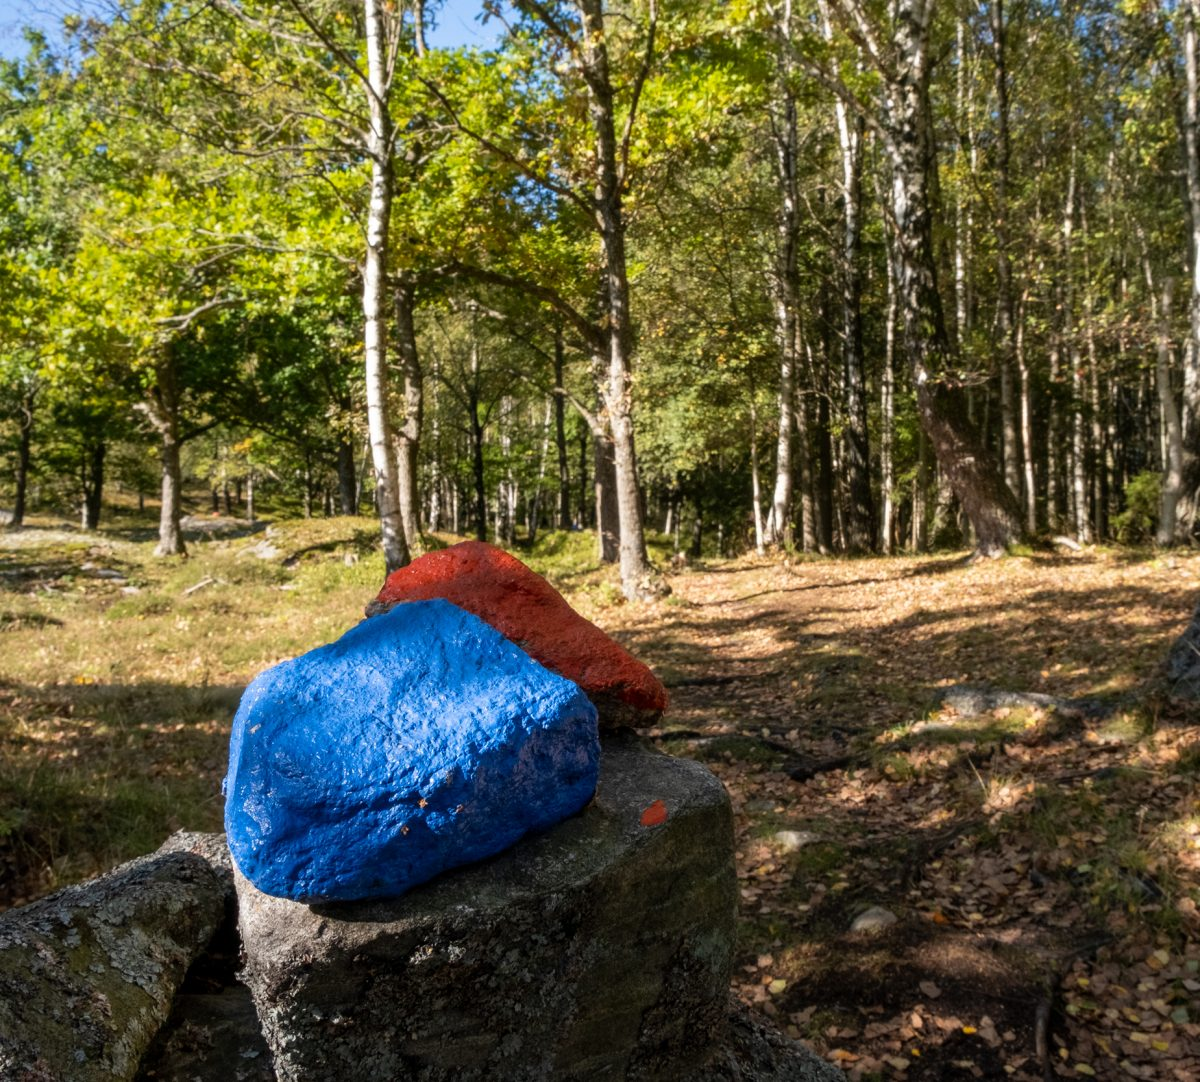 Stigmarkering bestående av två stenar, som är helt målade i röd respektive blå färg. Foto.